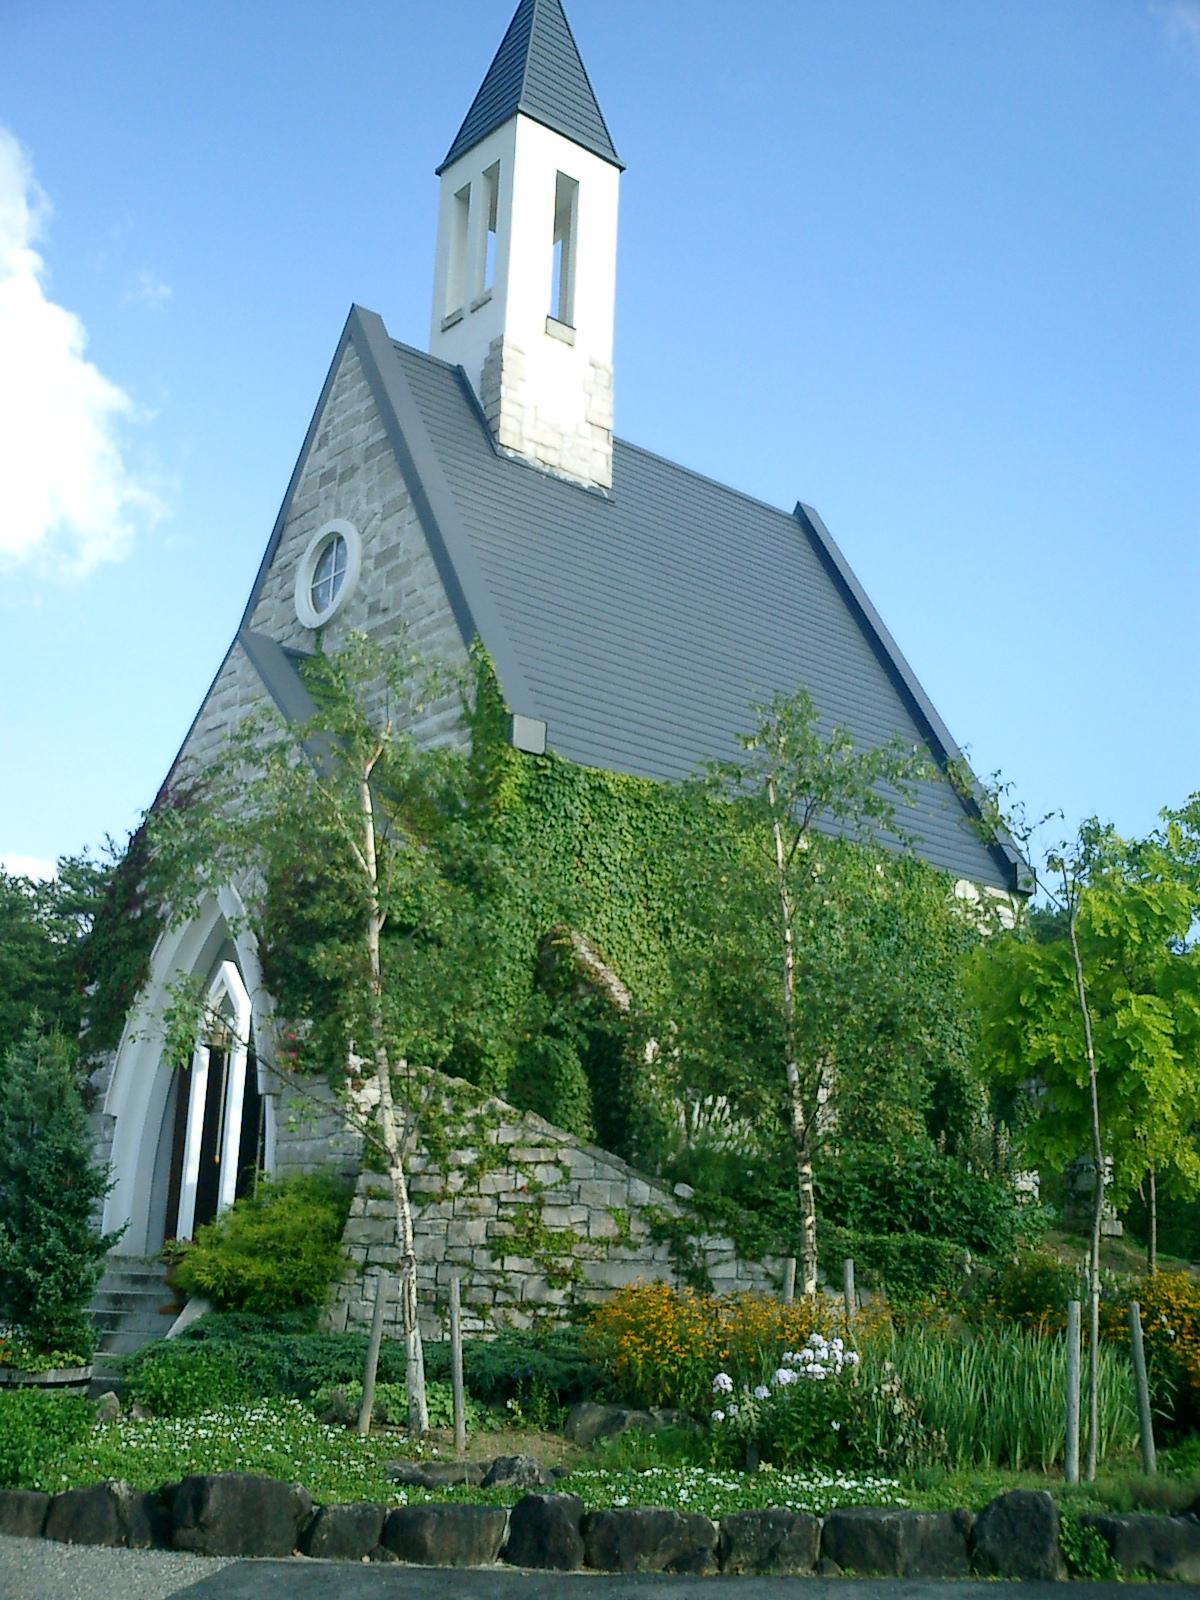 牧歌の里 教会周辺植栽工事